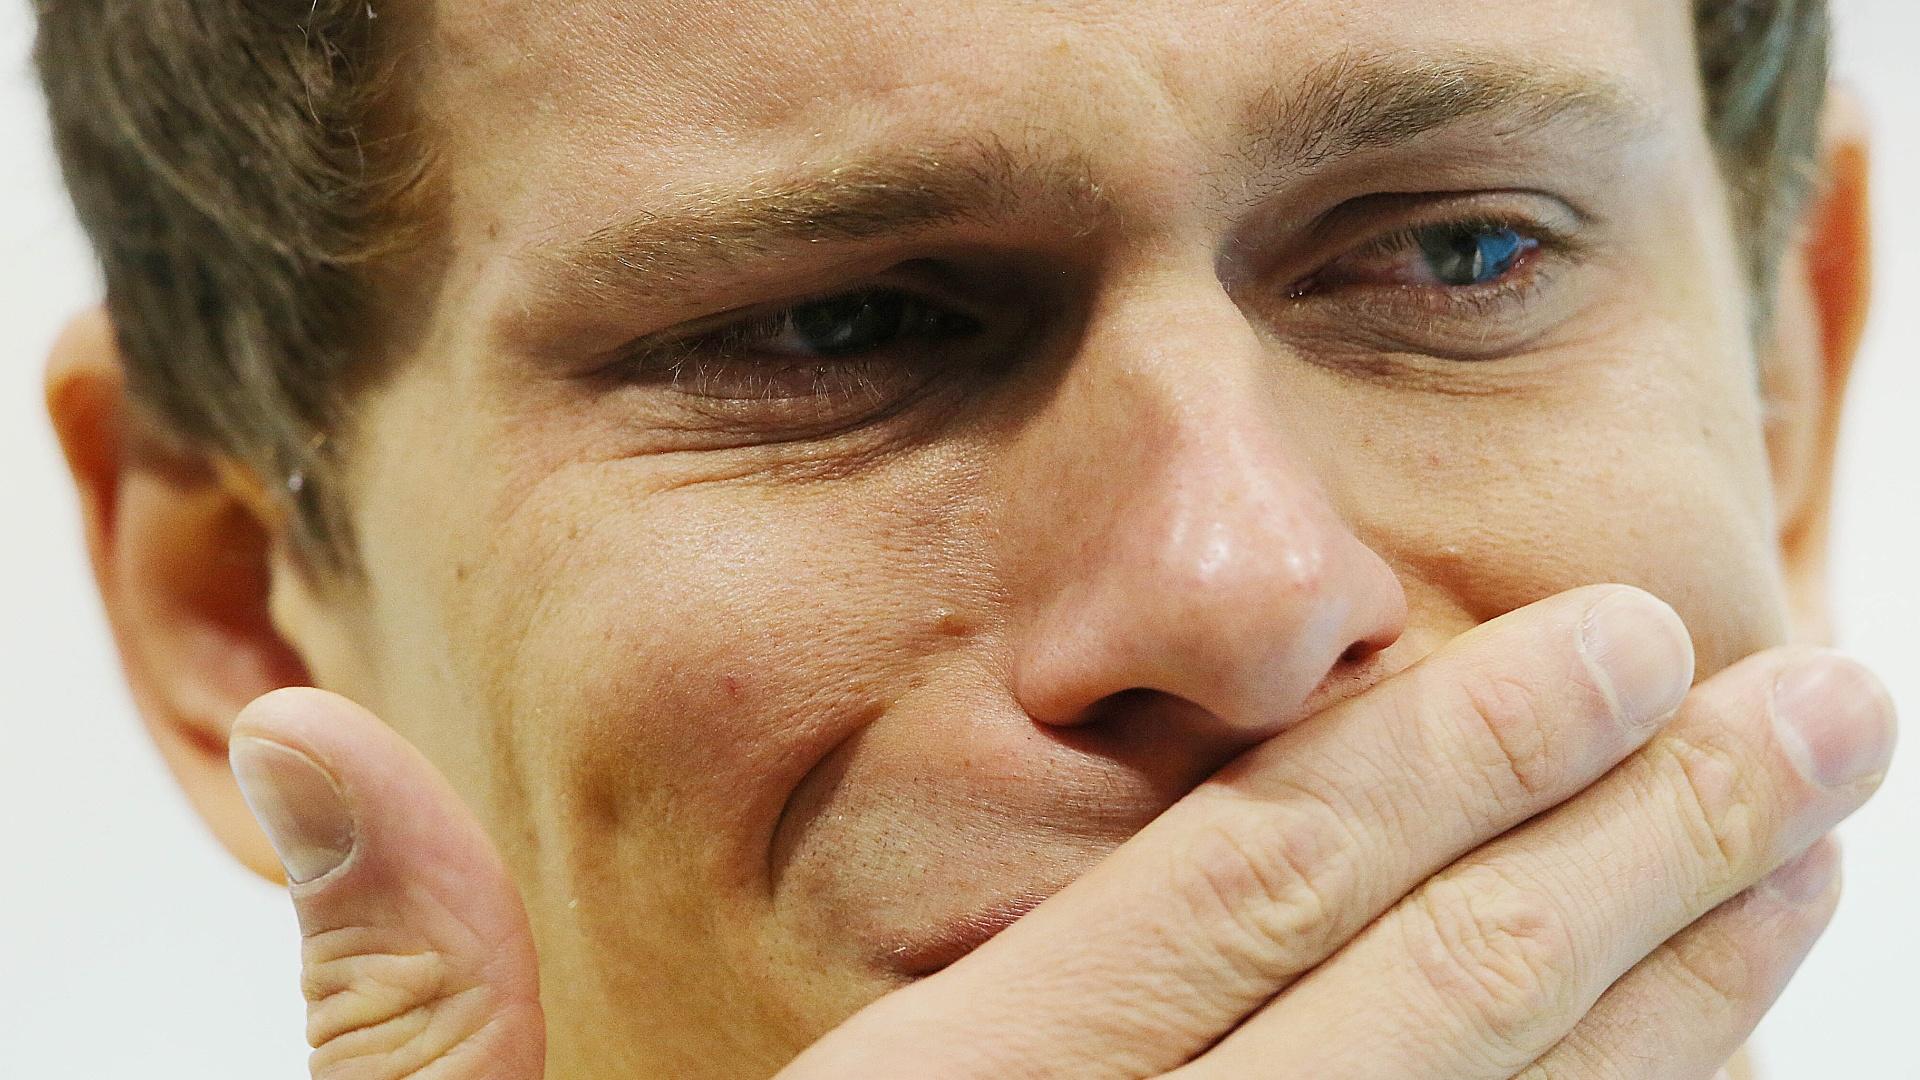 Nadador brasileiro Cesar Cielo chora ao sair do pódio após o bronze nos 50 m livre